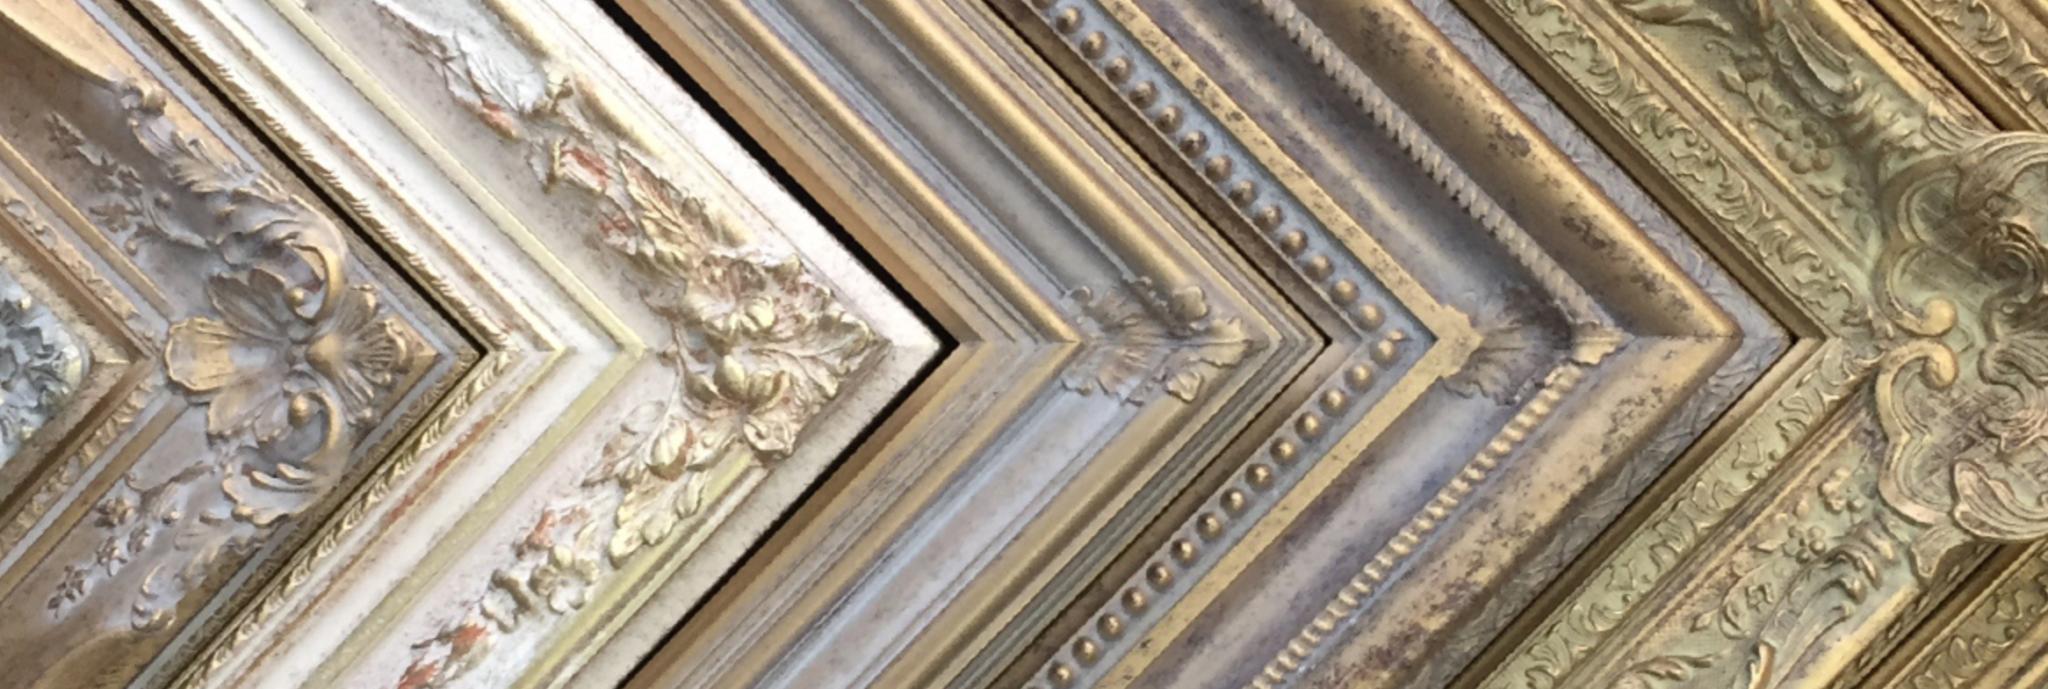 fine art framing